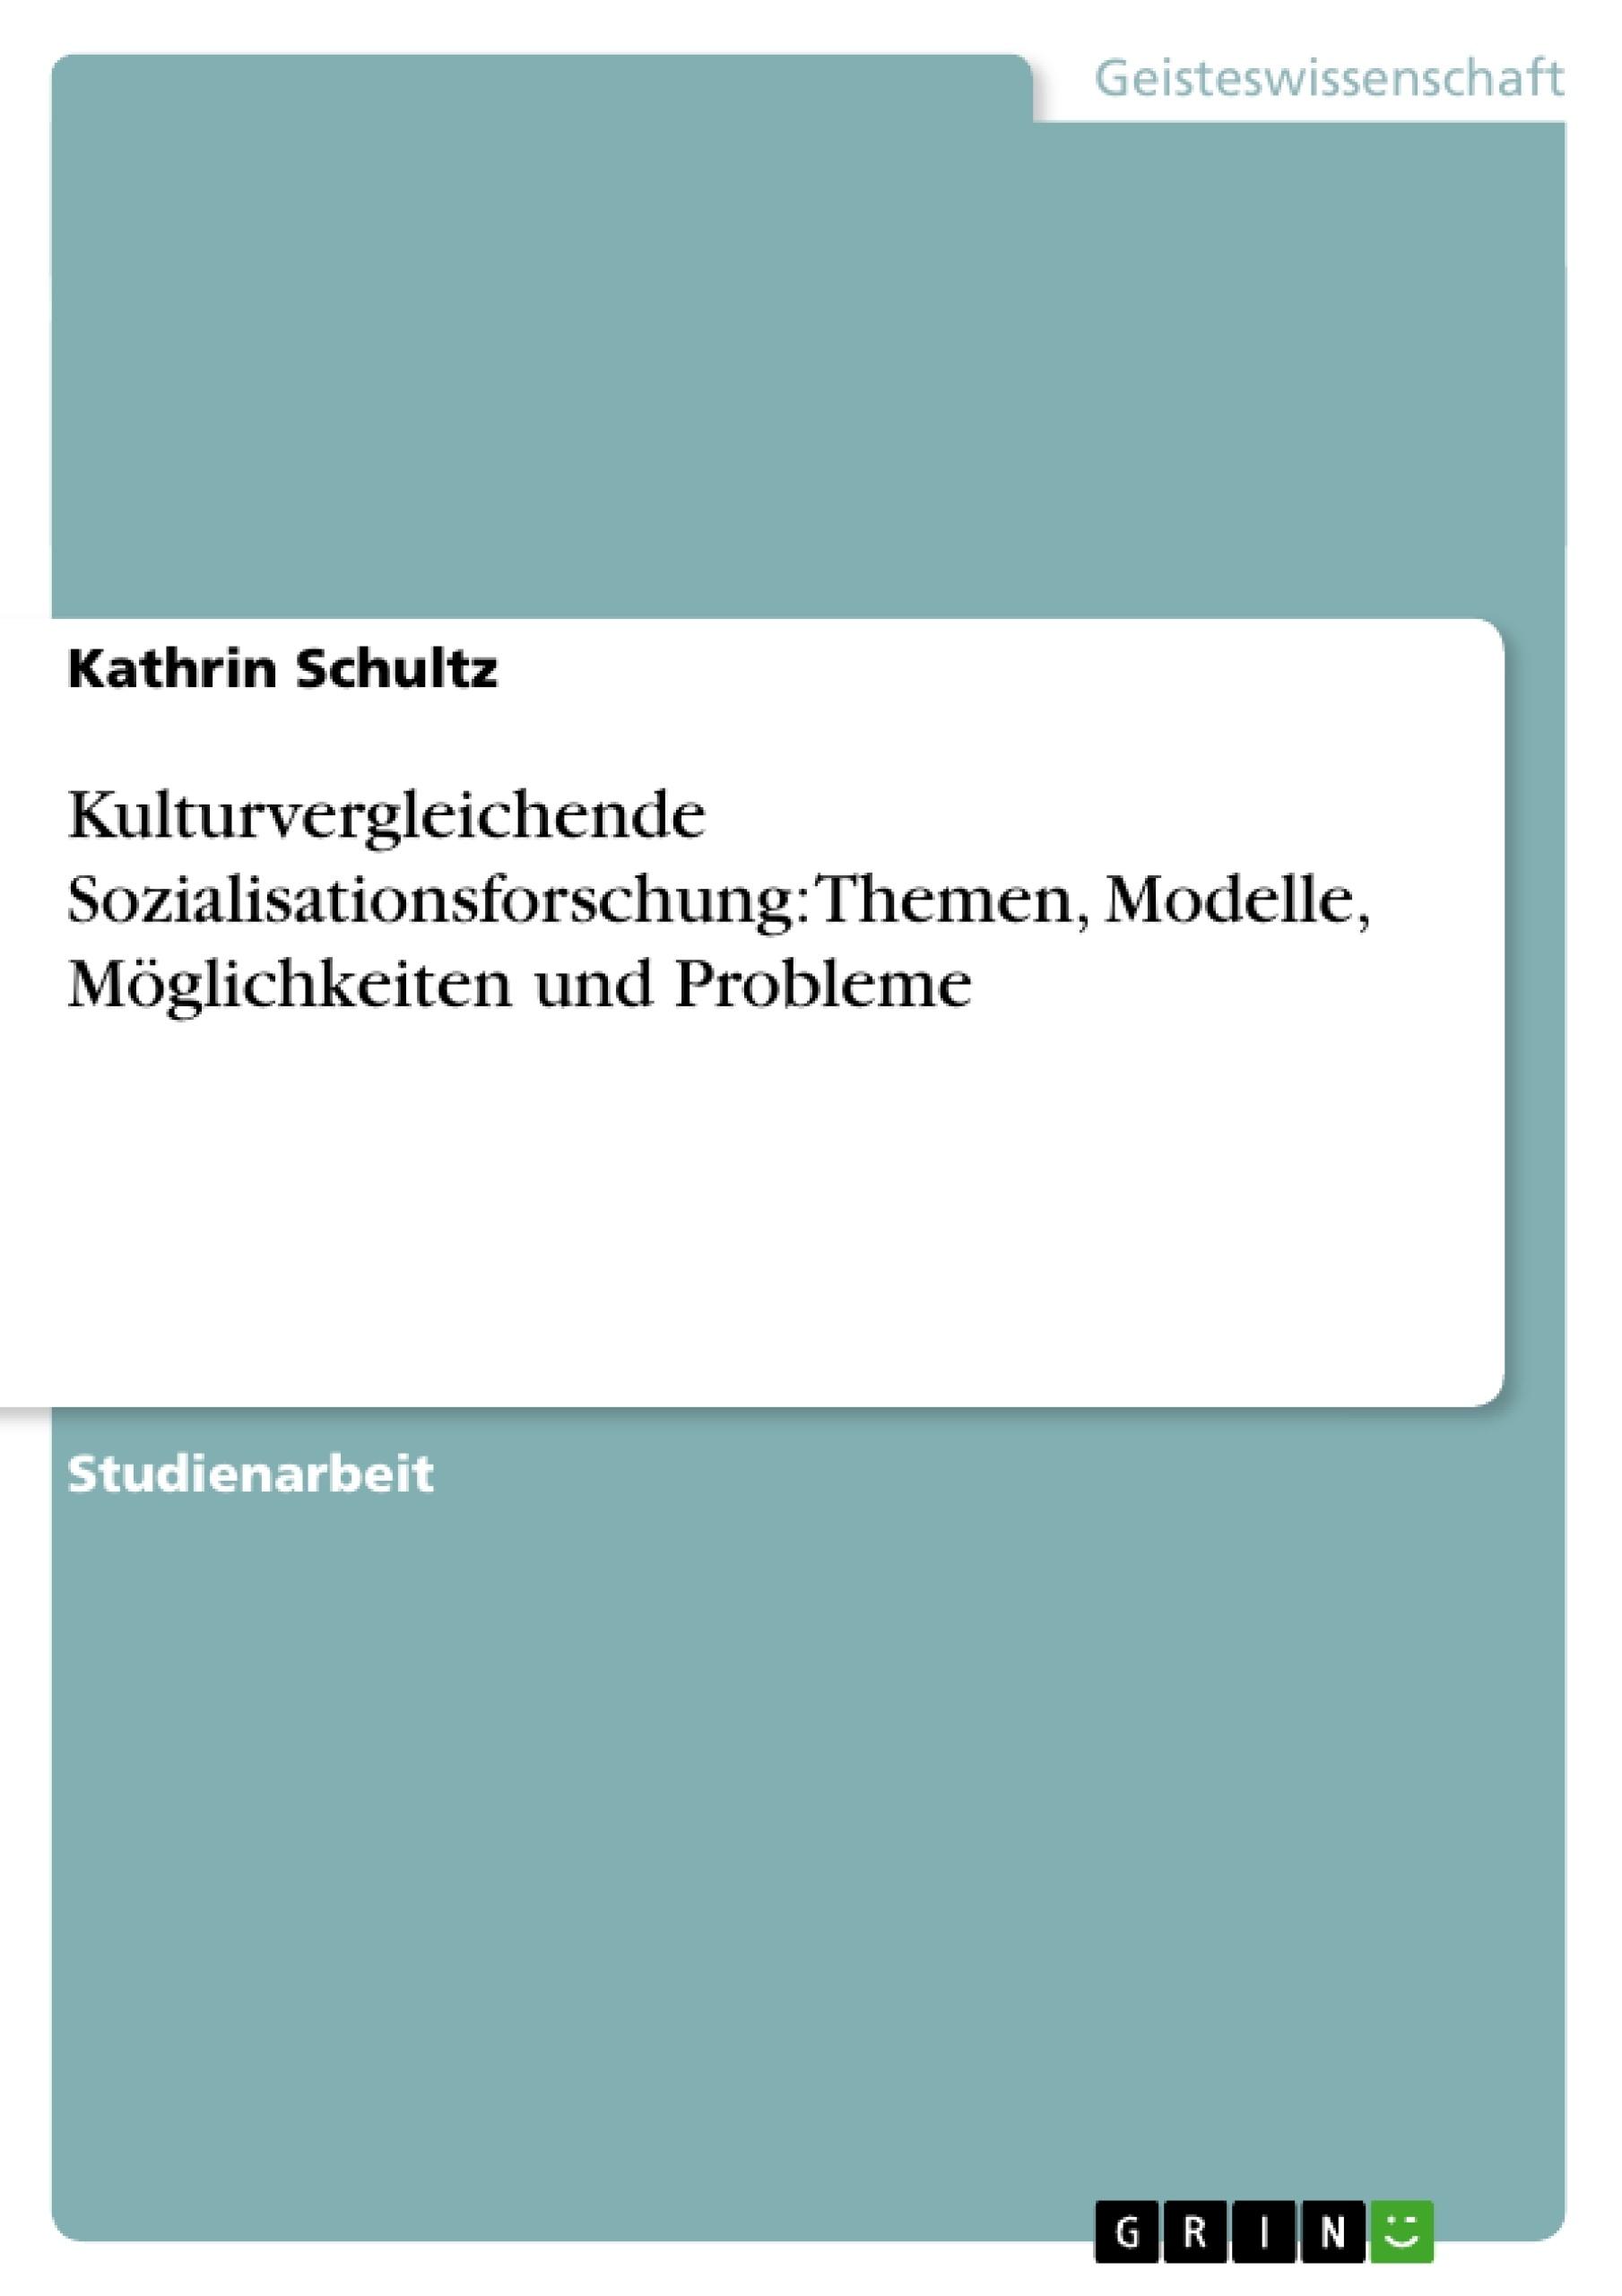 Titel: Kulturvergleichende Sozialisationsforschung: Themen, Modelle, Möglichkeiten und Probleme